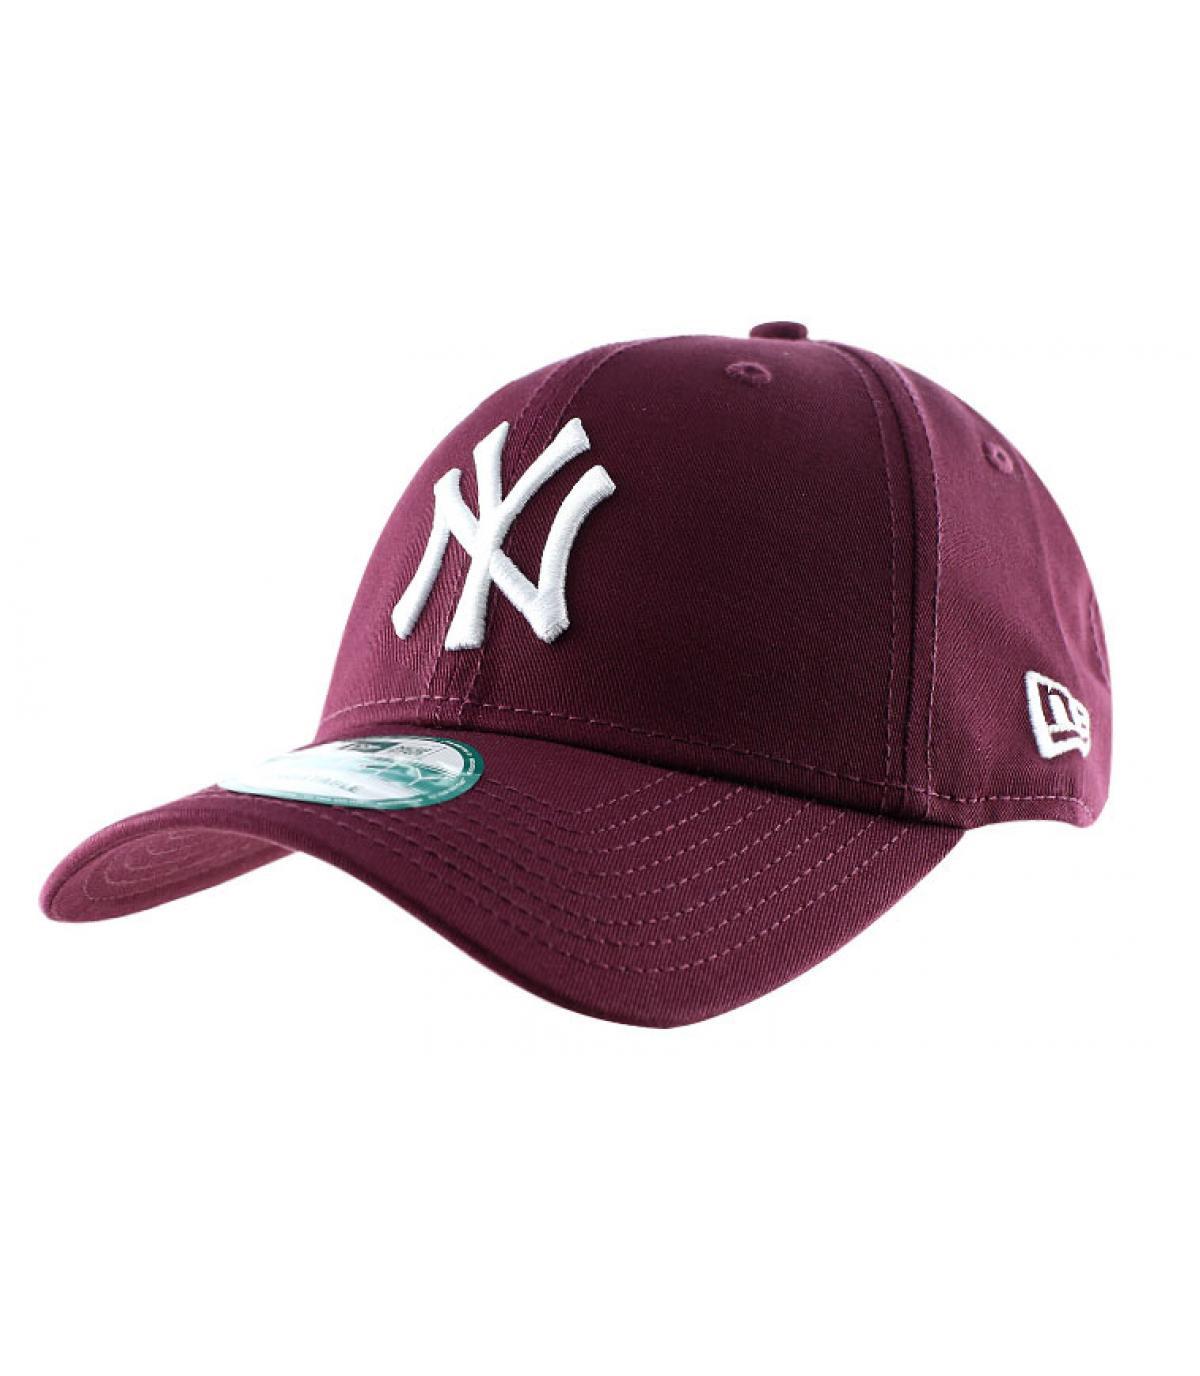 Détails Casquette NY league essential maroon - image 2